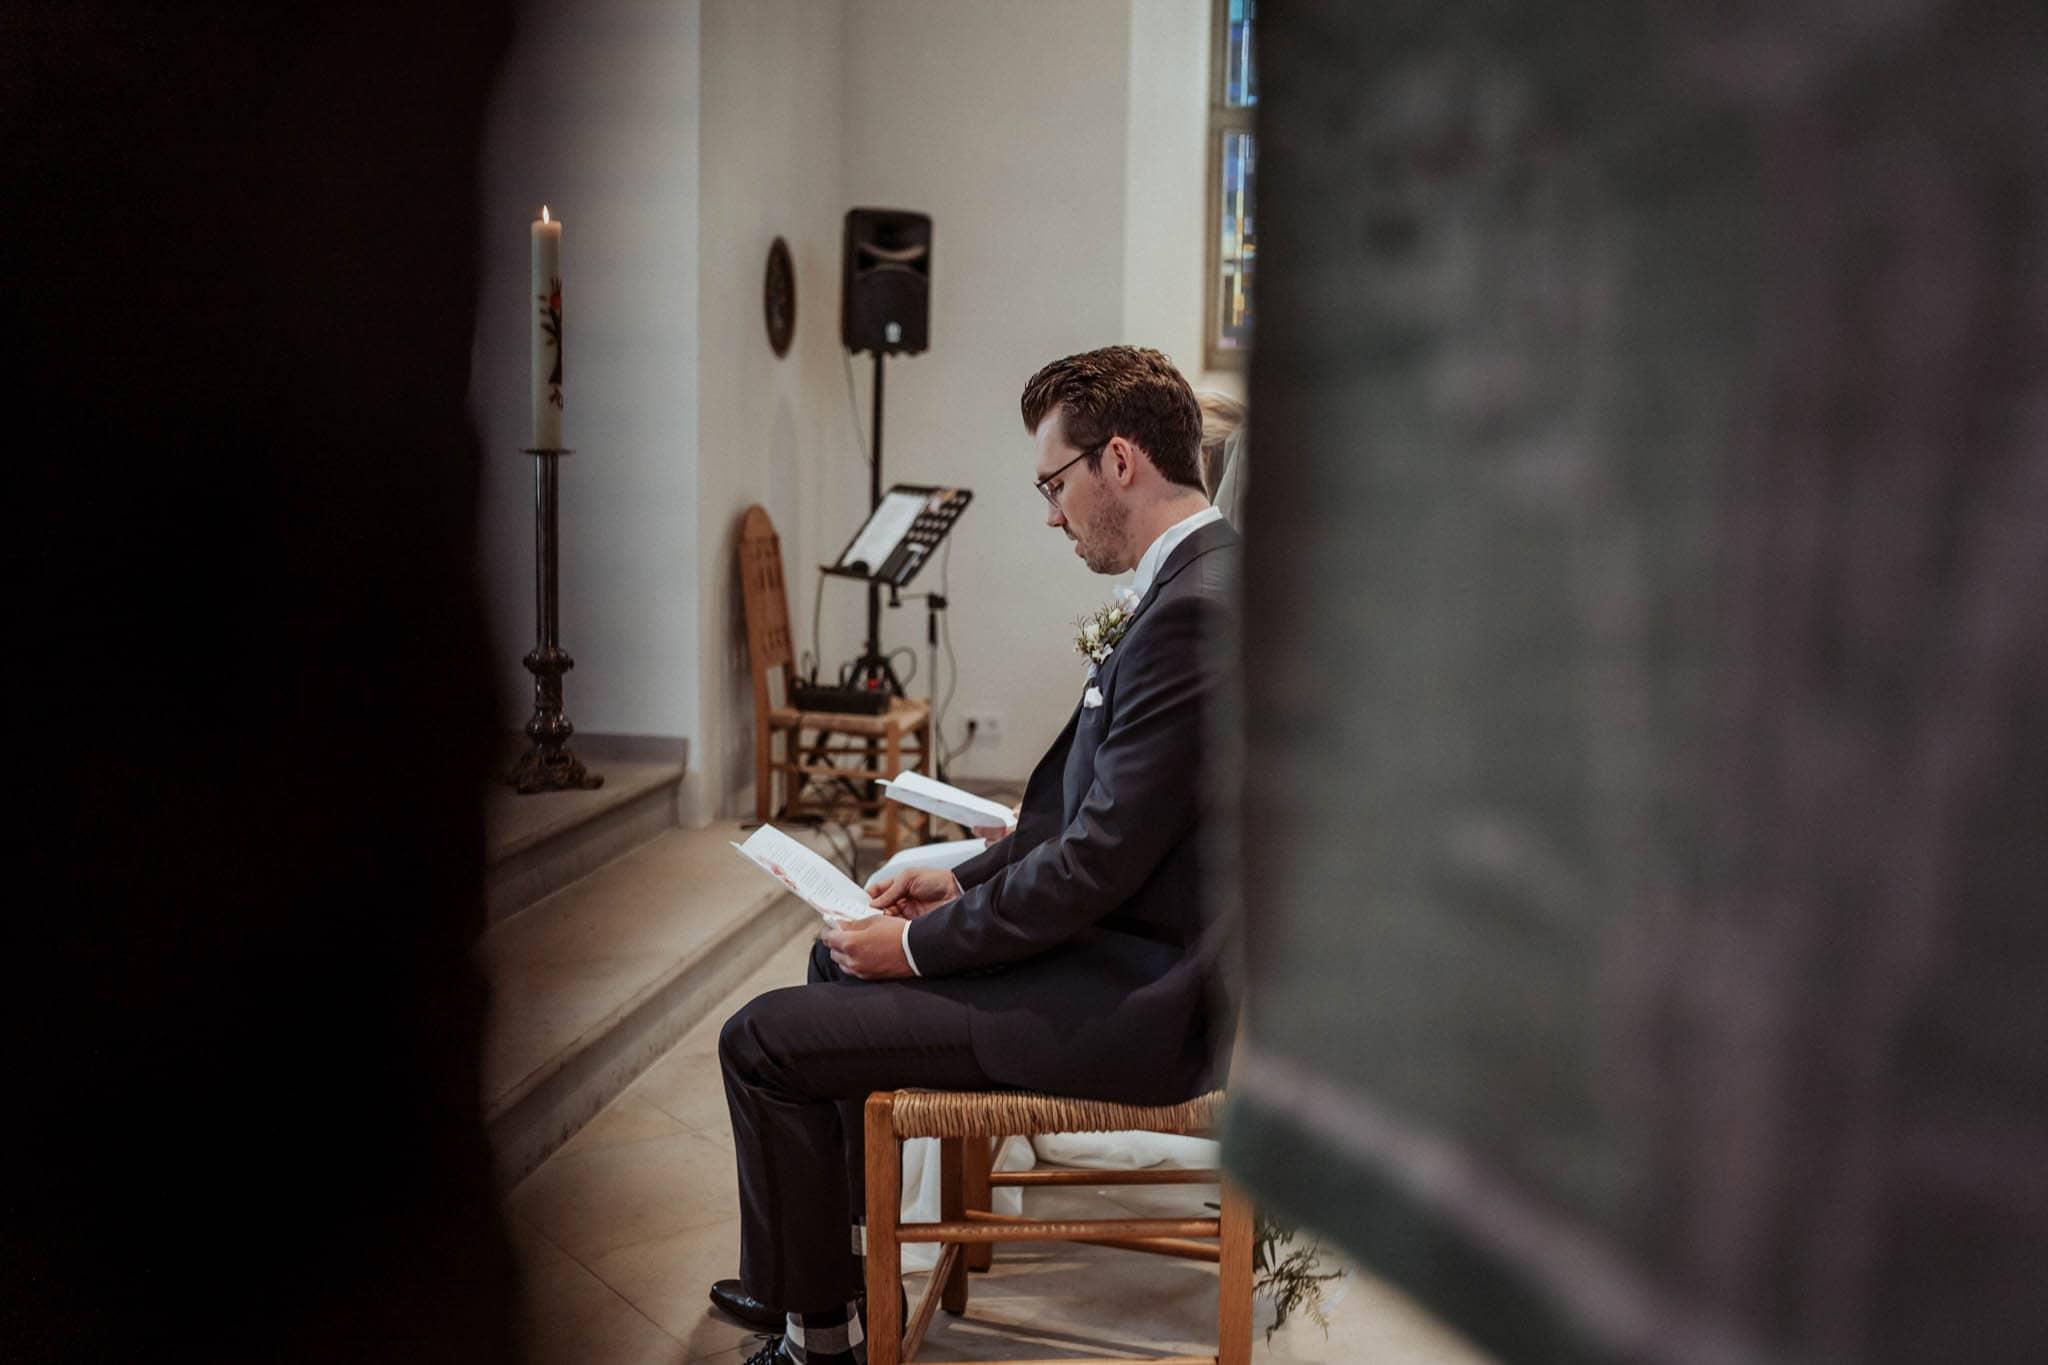 Hochzeitsfieber by Photo-Schomburg, Hochzeitsfotograf, Hamburg, Bremen, Hochzeitstag, Hochzeitspaar, Braut, Bräutigam, Bremen-Kränholm,Knoops Park-93